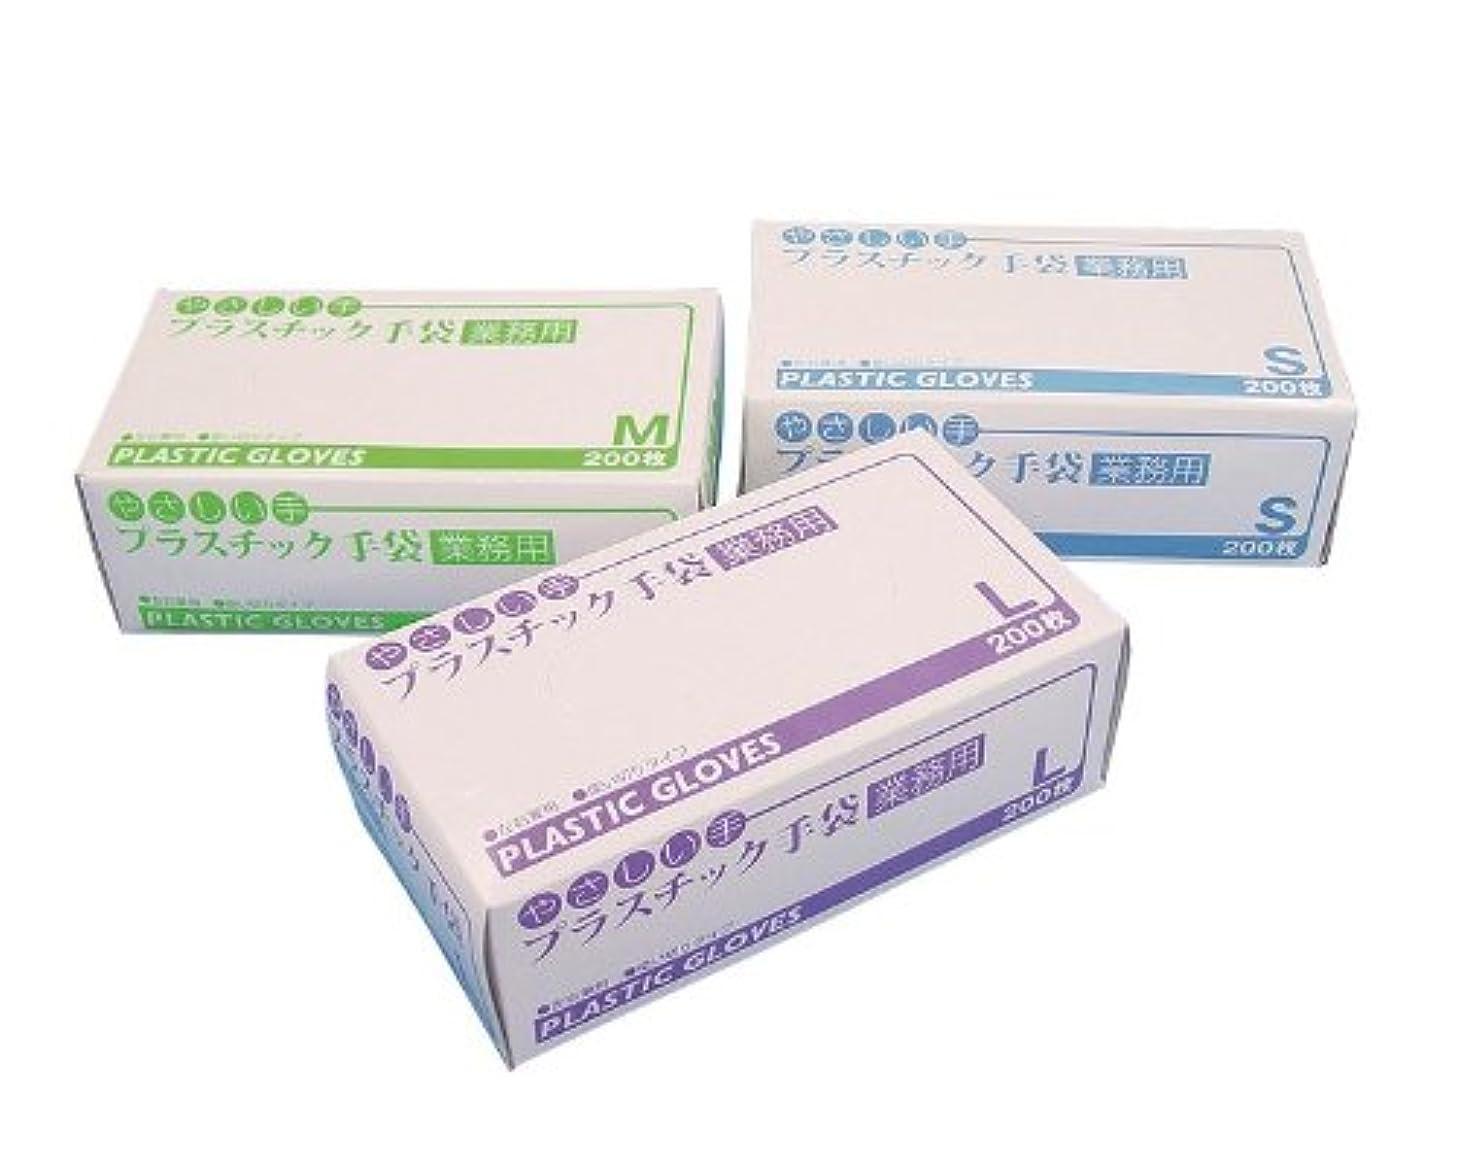 メンタリティ不適アクロバットやさしい手 プラスチック手袋 業務用 OM-460 200枚入/Mサイズ